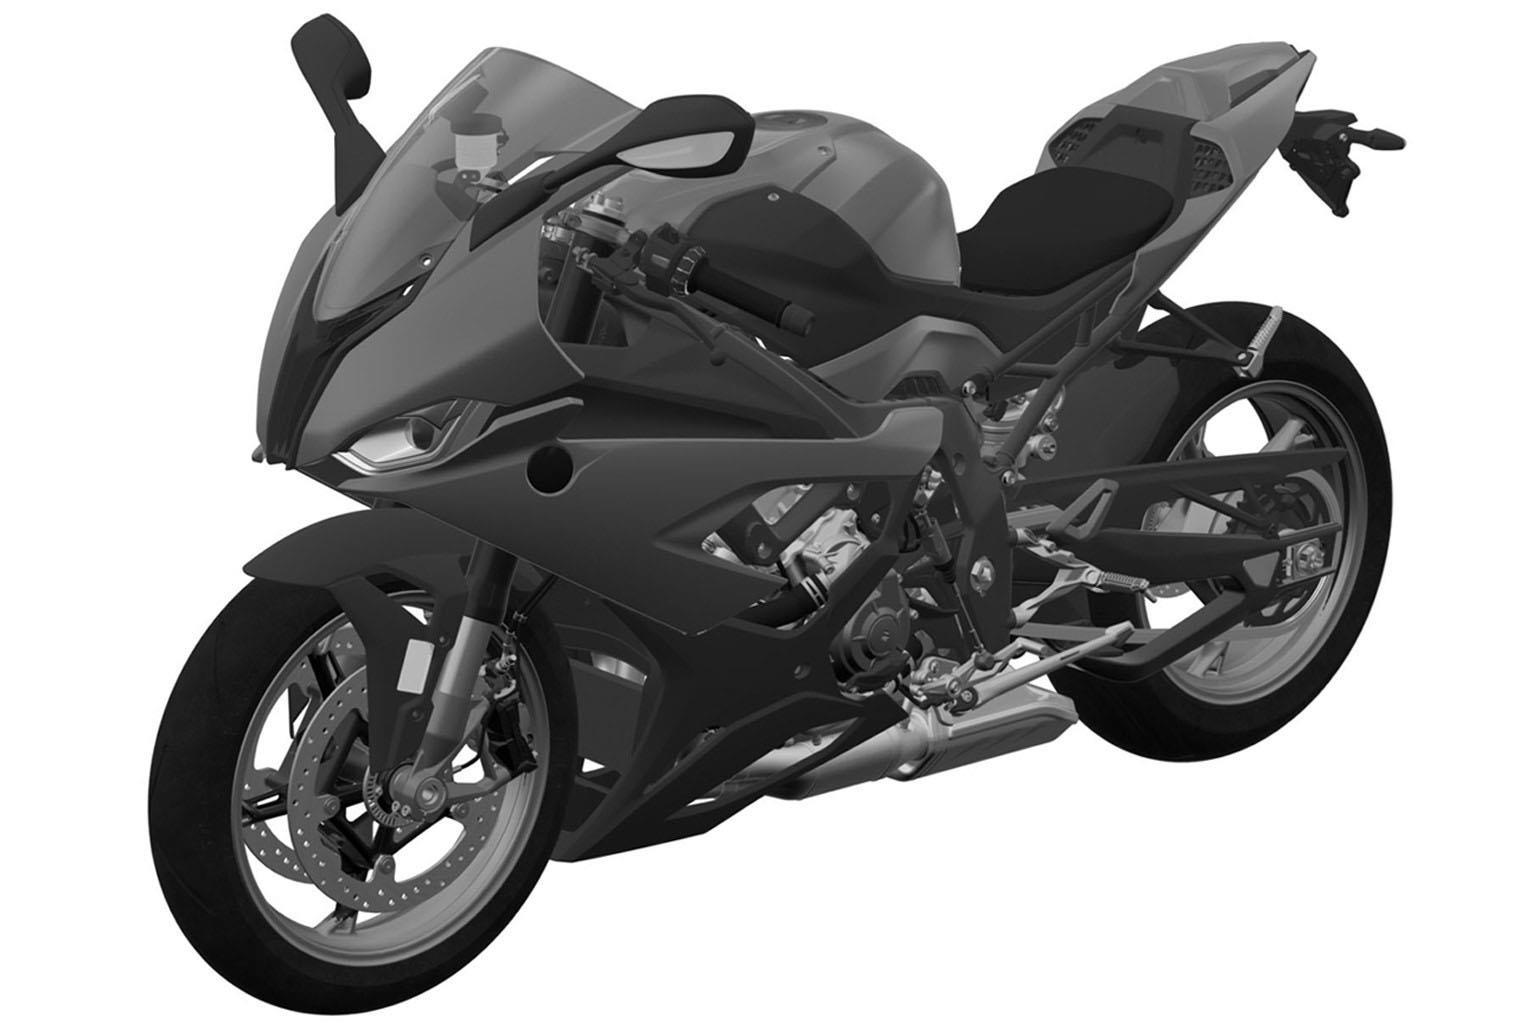 2014 bmw motorcycle rumors